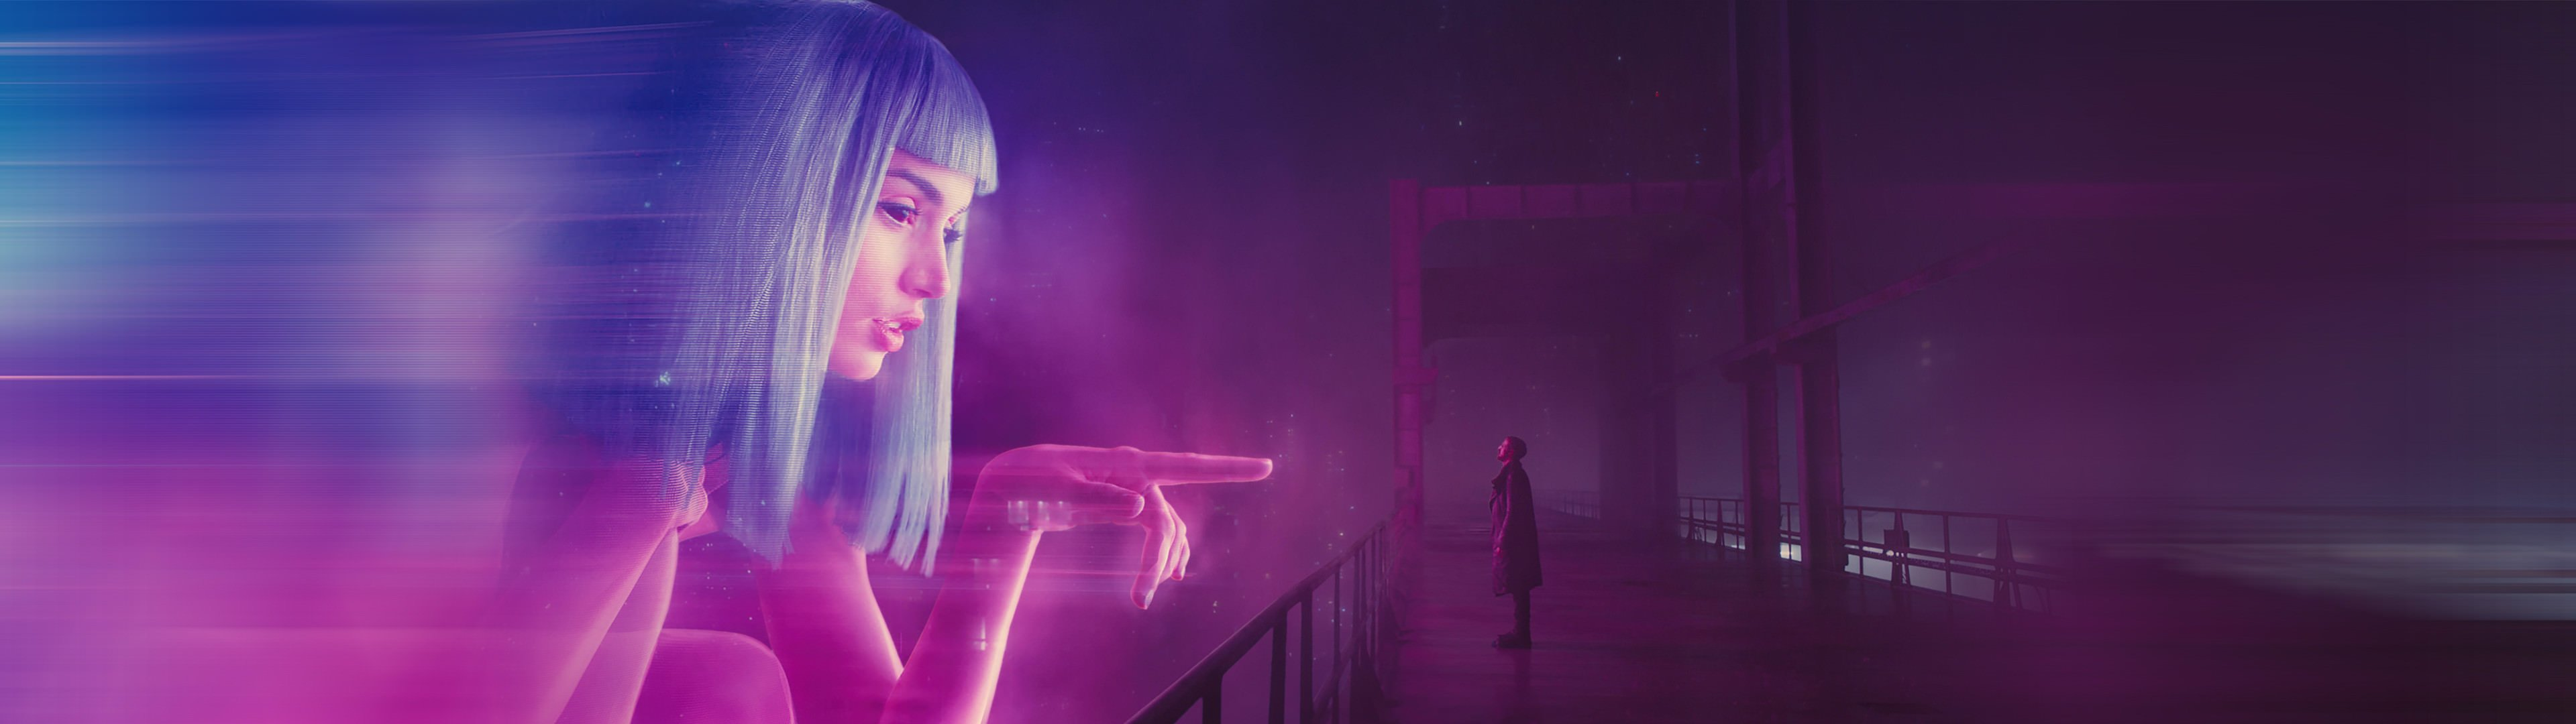 Blade Runner Ultrawide Wallpaper